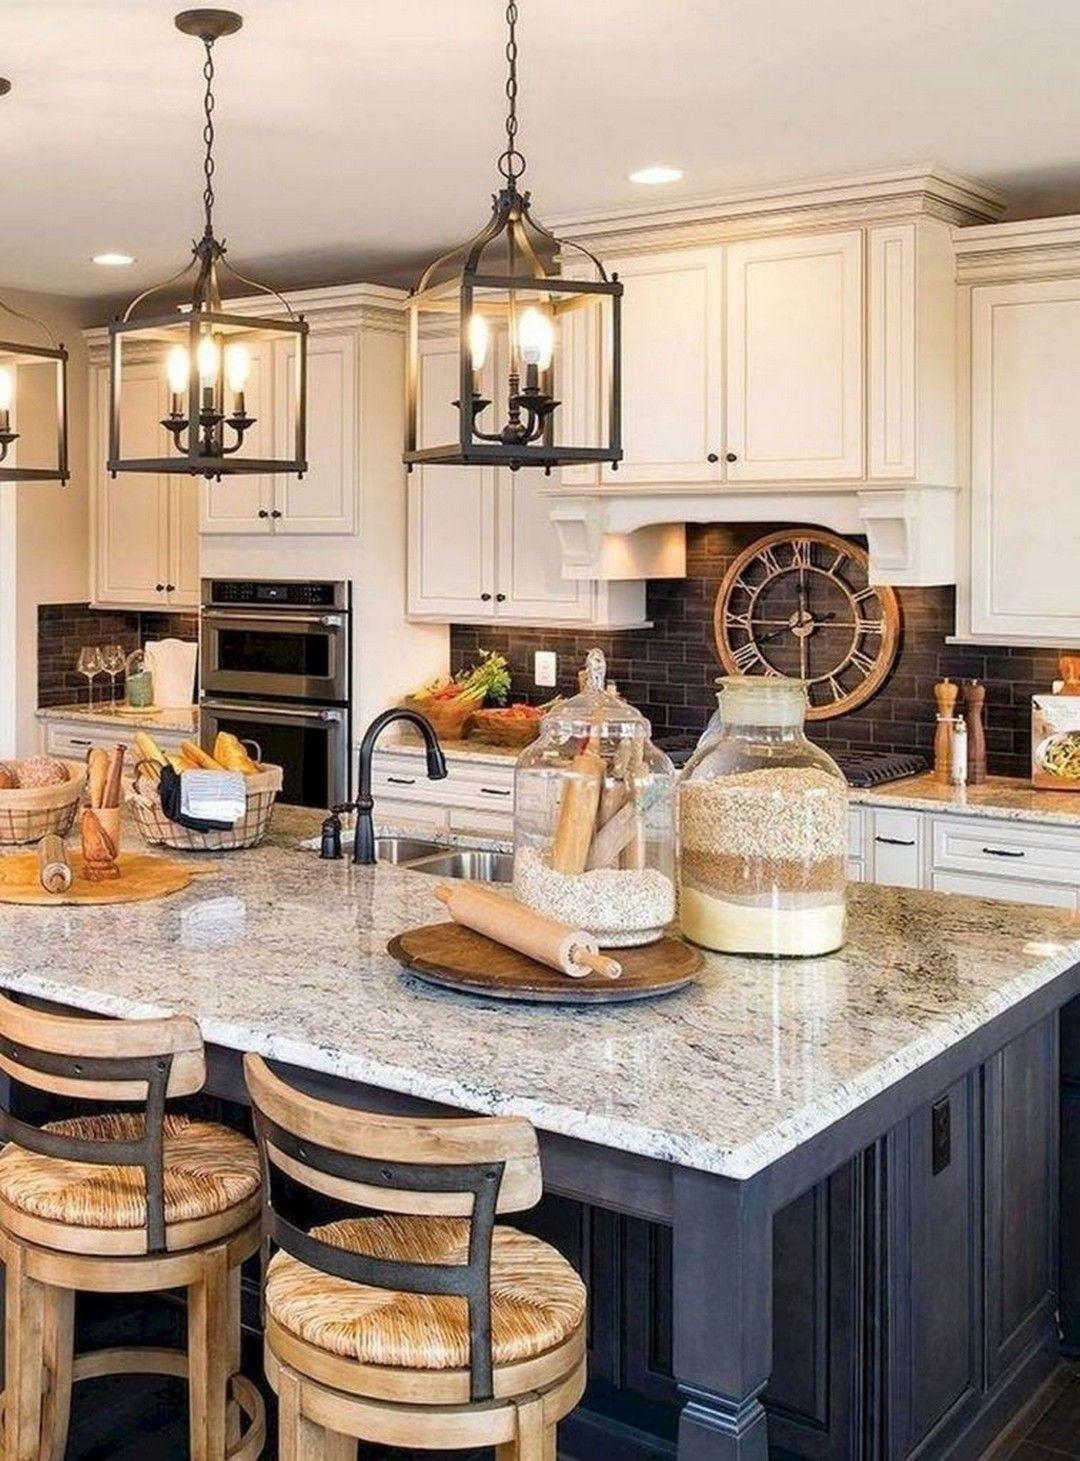 65 Awesome Farmhouse Kitchen Design Ideas #kitchendesignideas